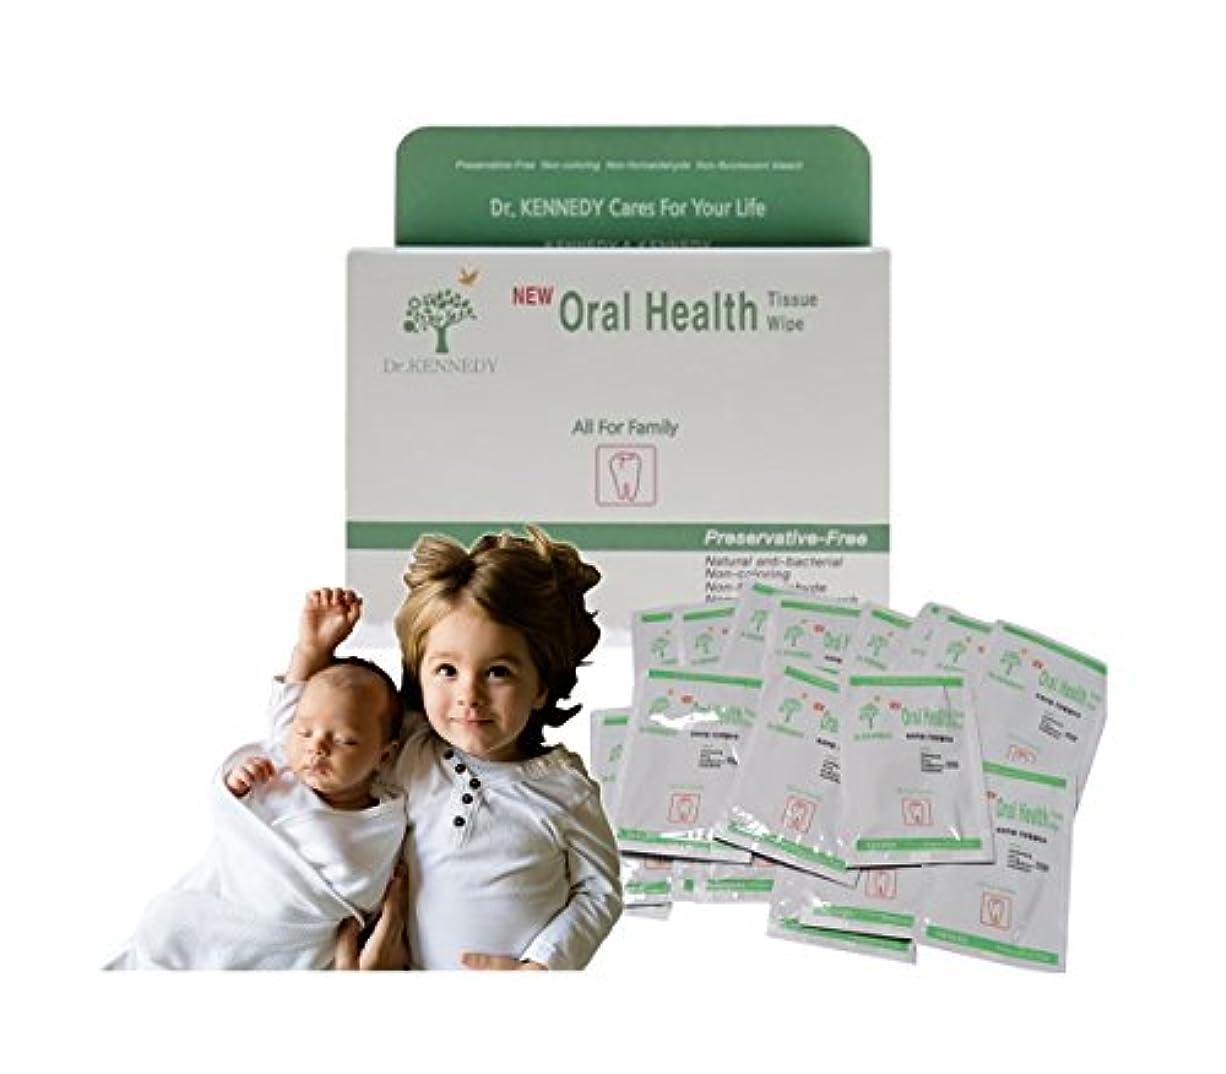 ロンドンほめるすべて50枚 ベビーケアデンタルケア 安全 成分 歯磨き代用 幼兒 乳歯 口腔健康 Cotton ティッシュぺーパー 並行輸入